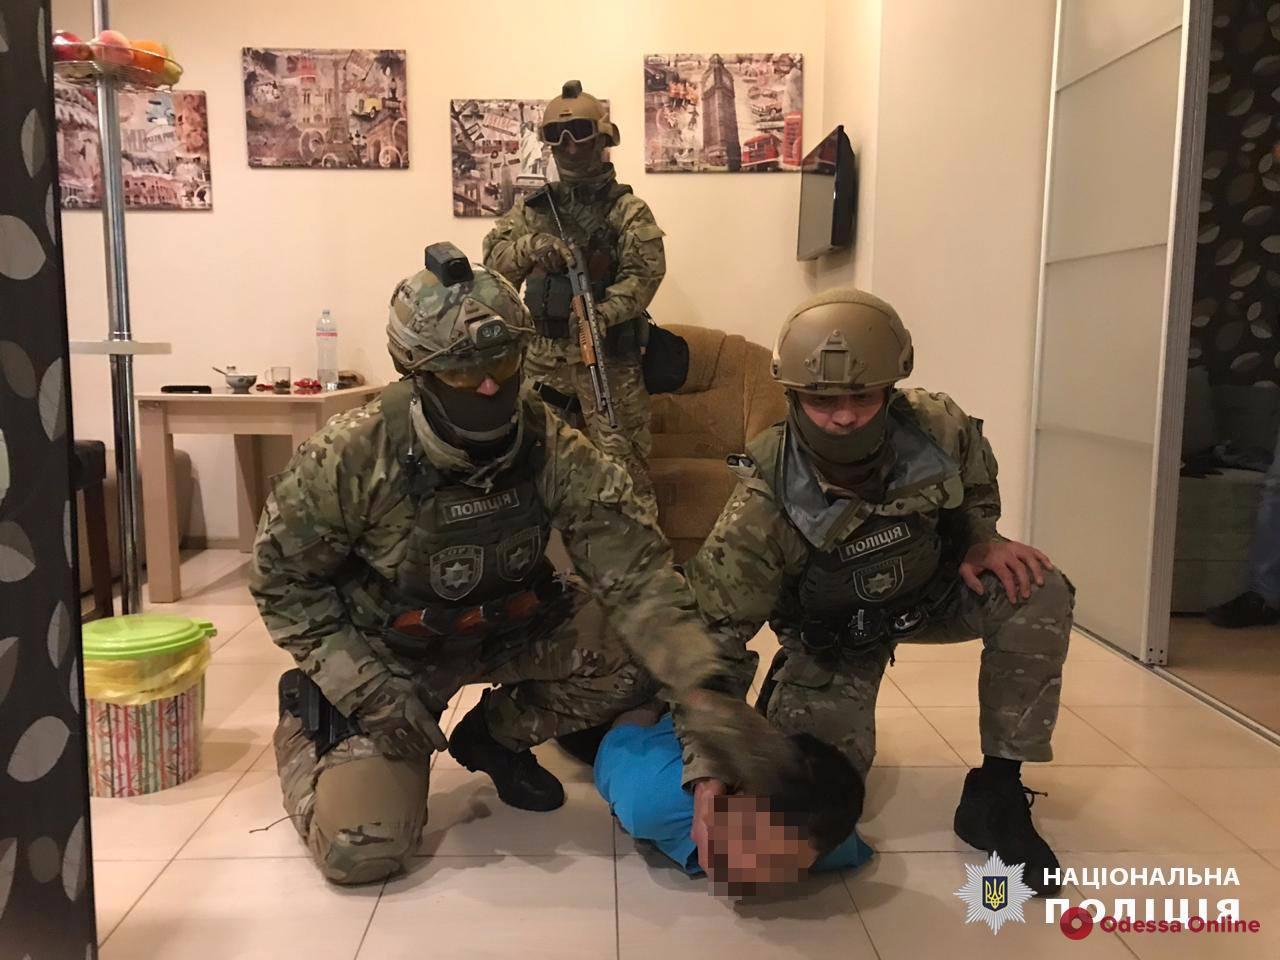 Разбой в столице: в Одессе задержали бандита из России